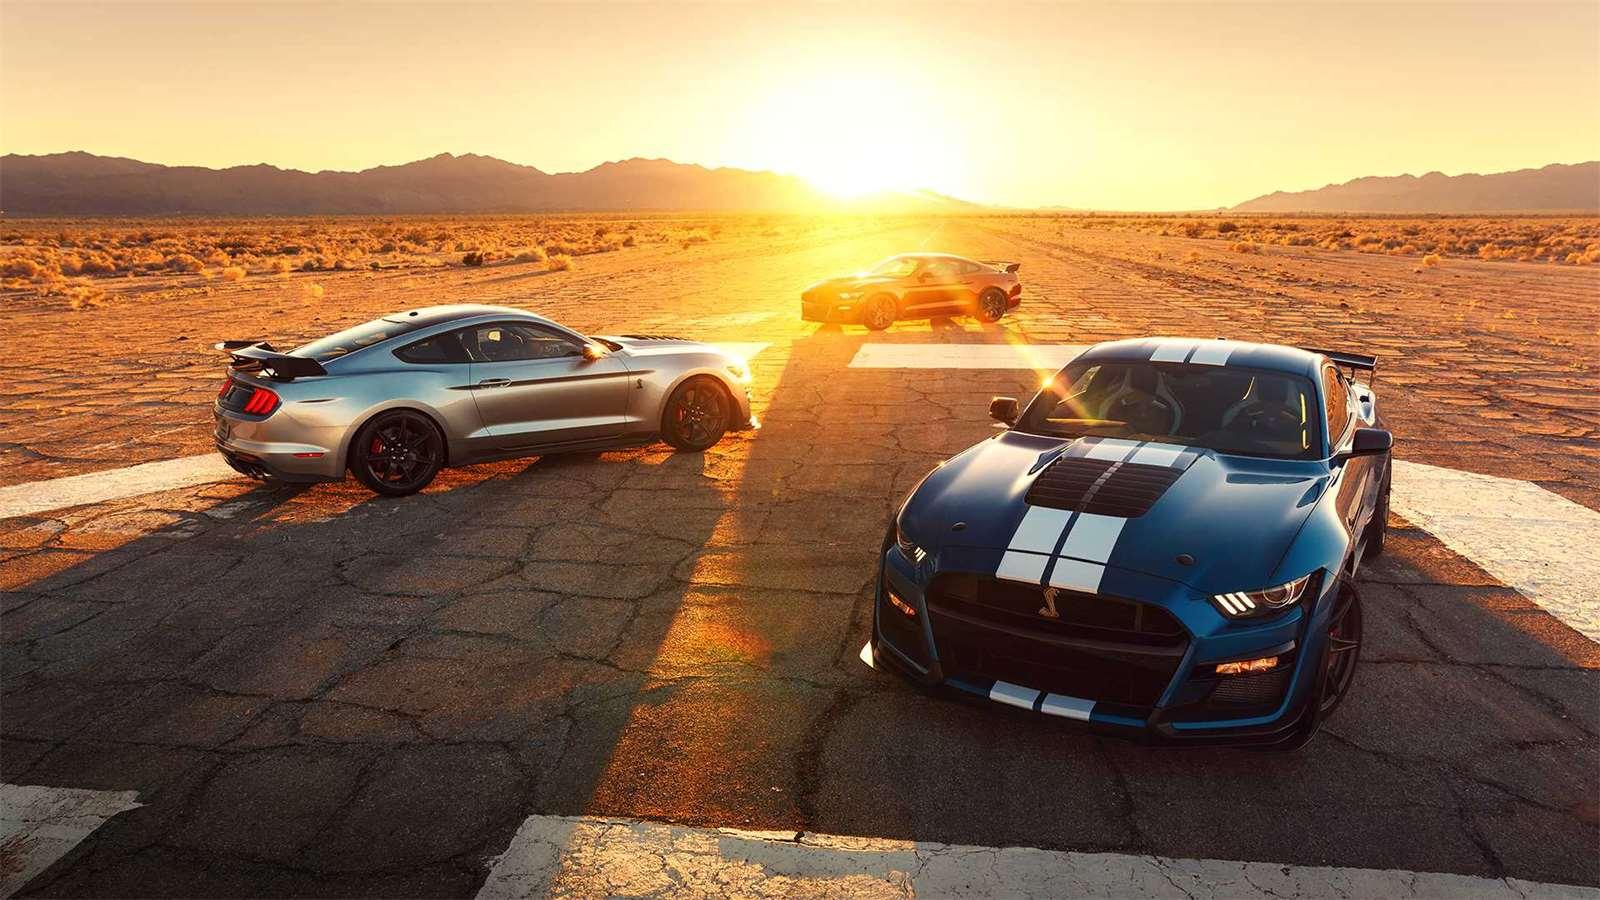 Co mají společného Ford Mustang Shelby GT500 a Chevrolet Corvette  Zavřít  galerii. Ford Mustang Shelby GT500 29eedb5d7e